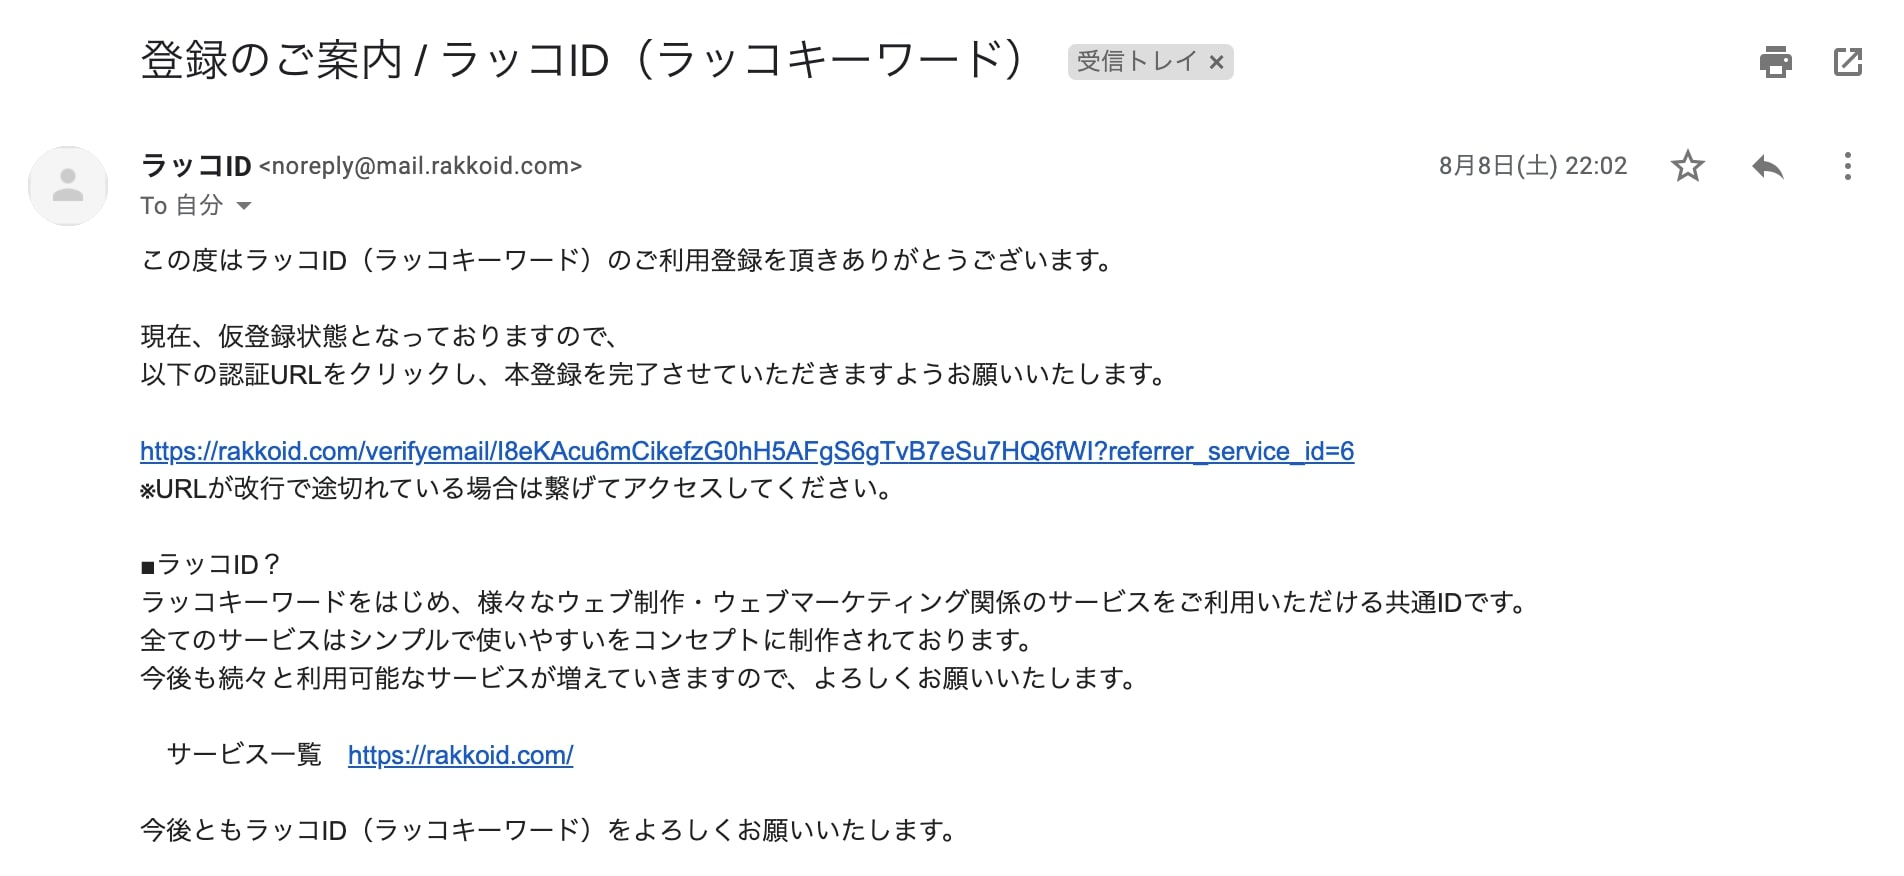 登録したEメールに仮登録案内が届きます